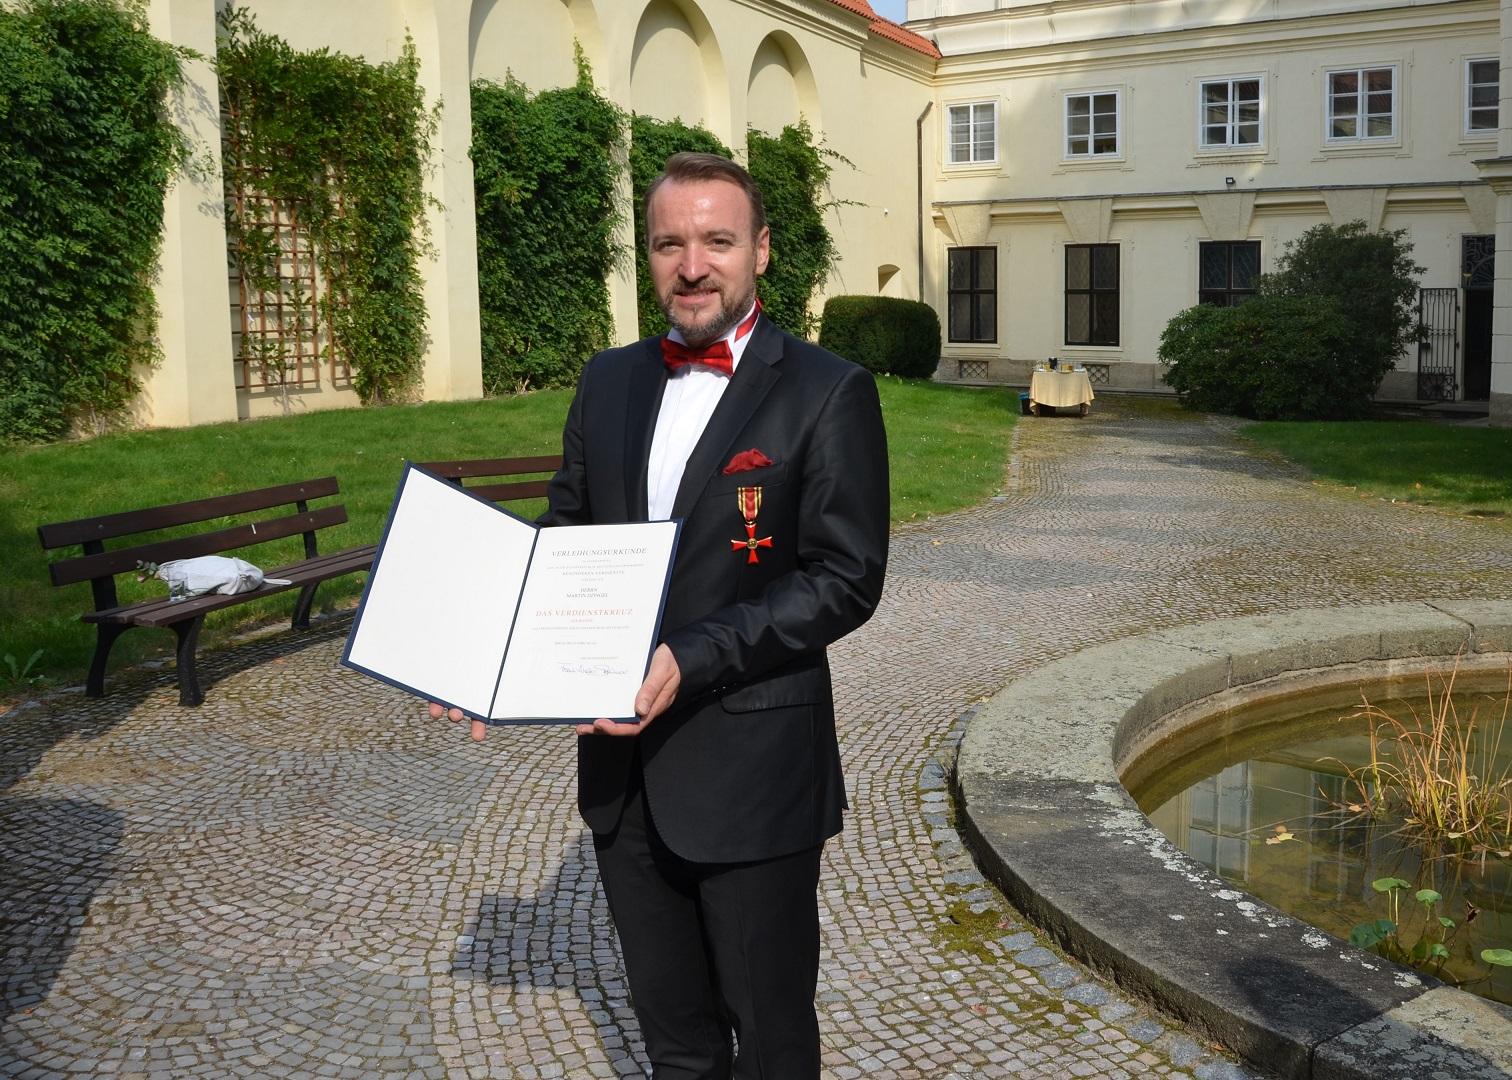 Martin Dzingel Mit Bundesverdienstkreuz Geehrt